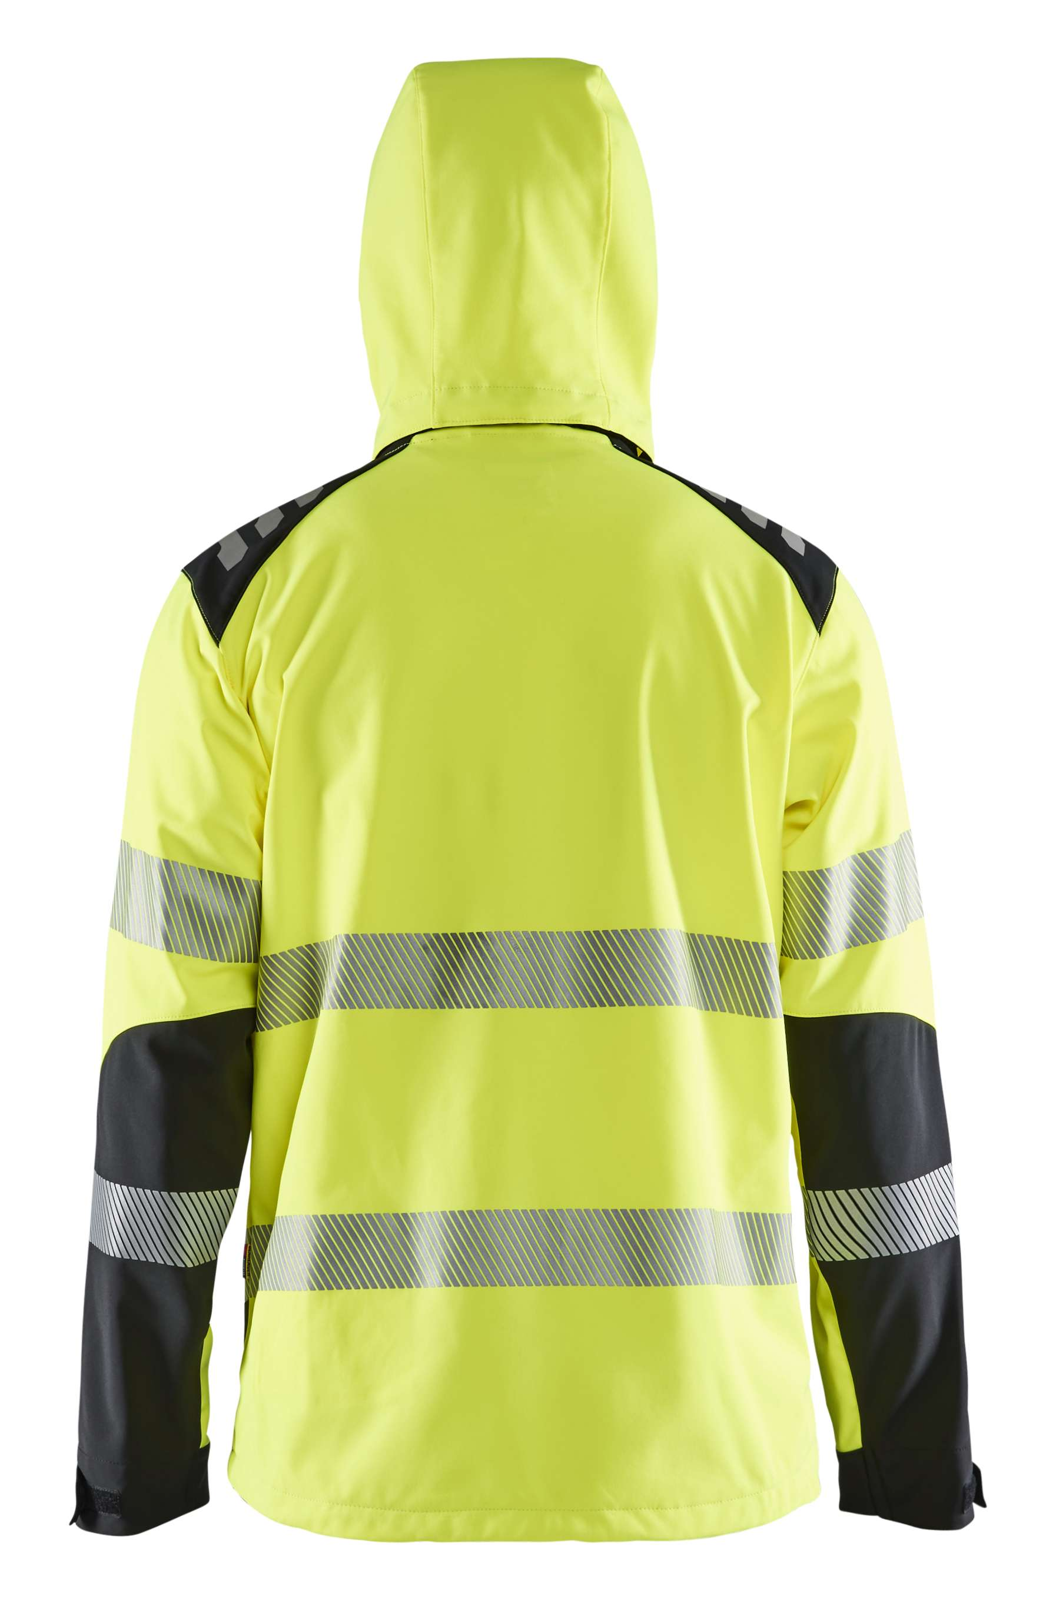 Blaklader Jassen 44912513 High Vis fluo geel-zwart(3399)